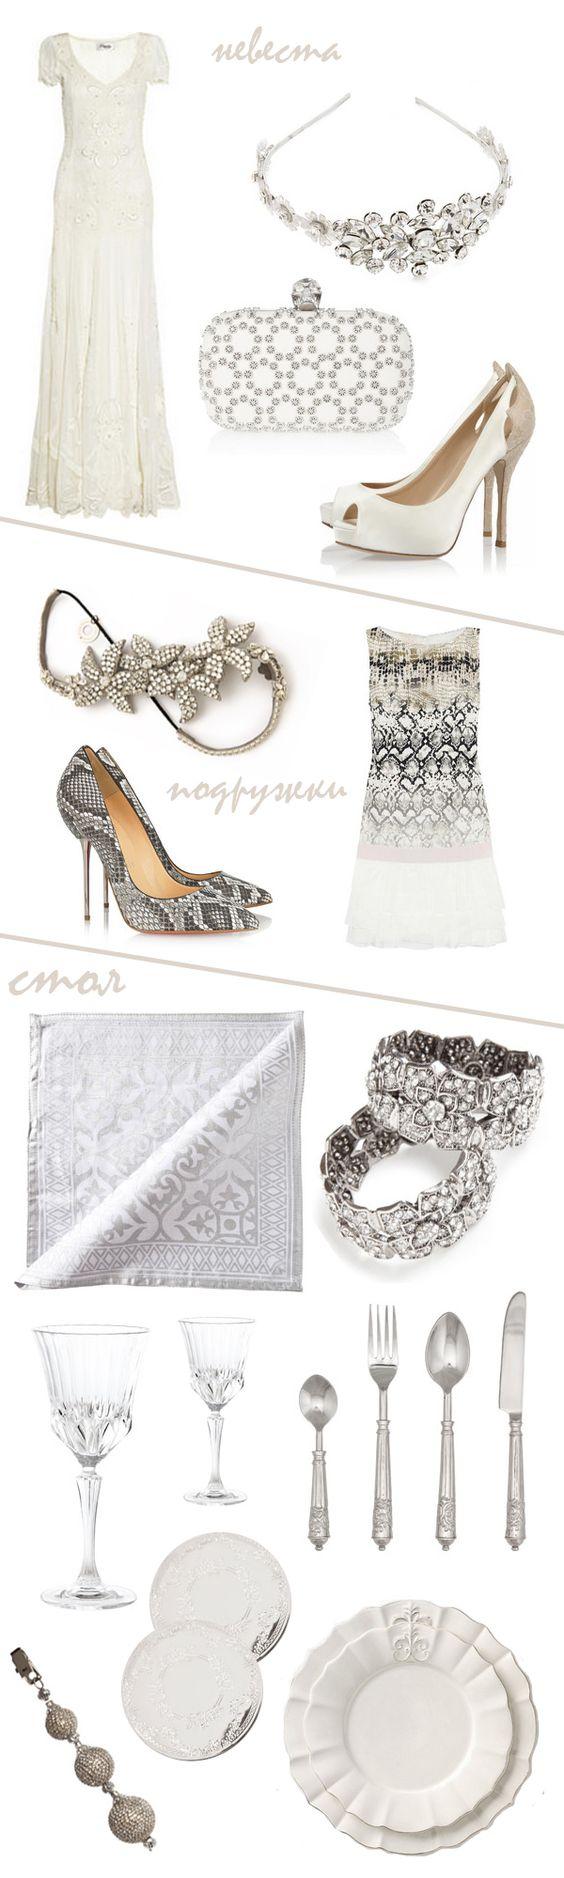 образ невесты зимой #wedding #winter